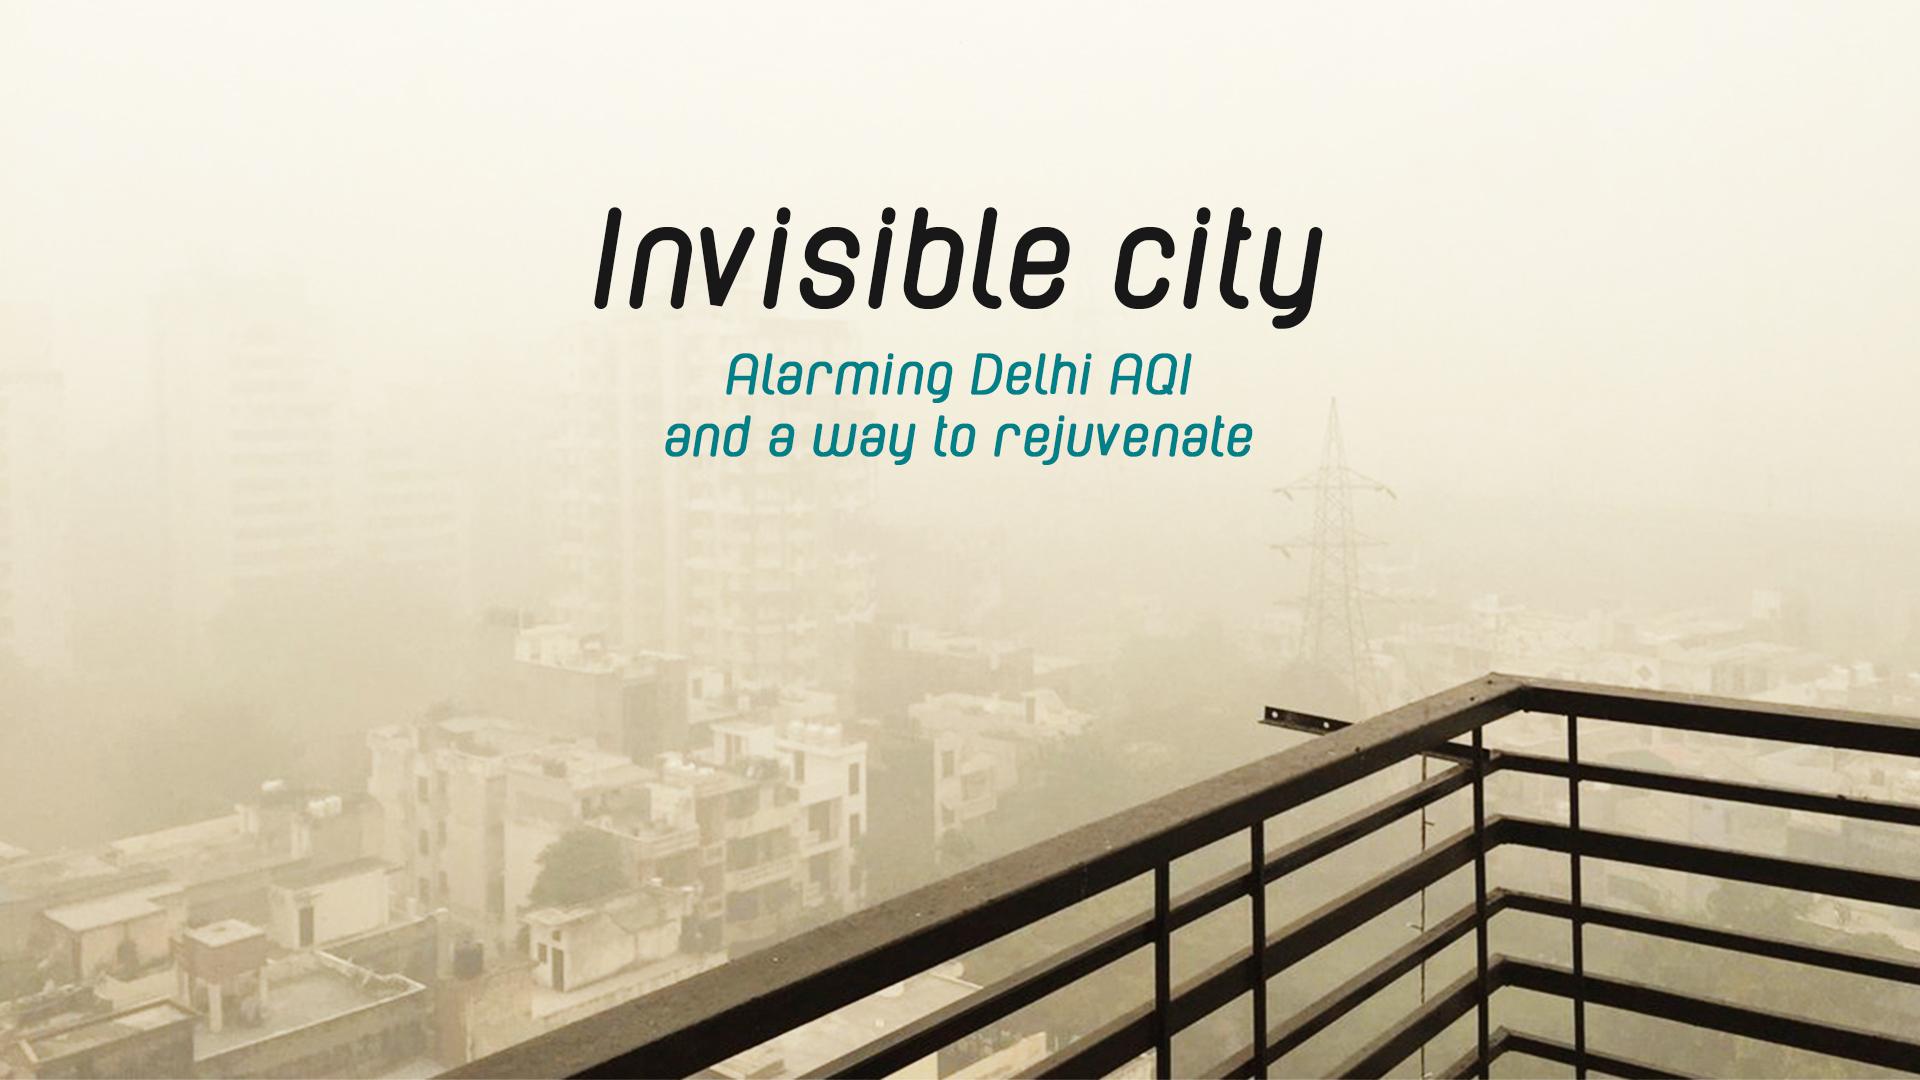 Invisible City – Alarming Delhi AQI and a Way to Rejuvenate